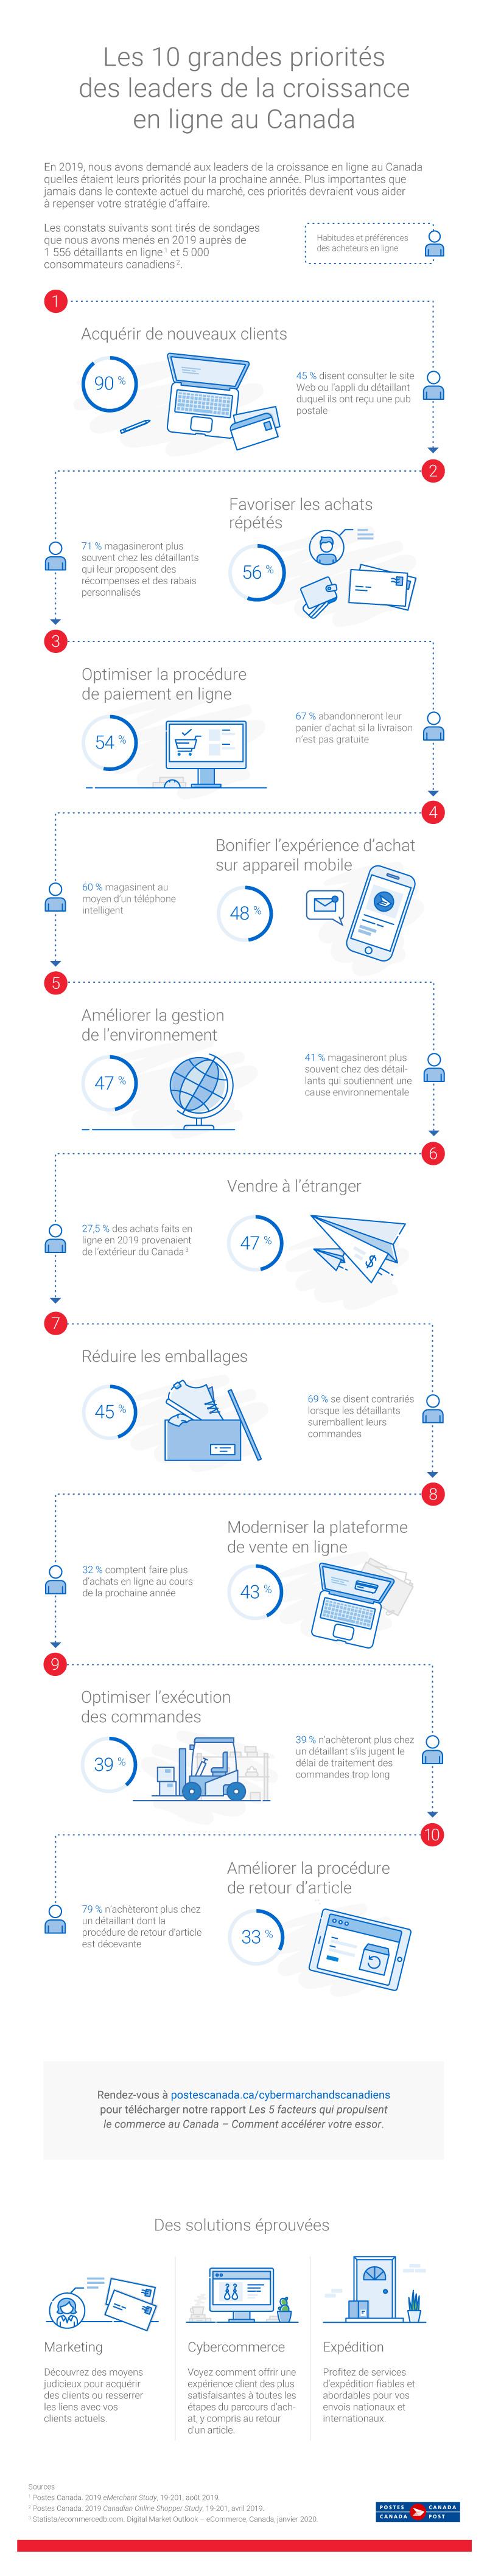 Infographie : Les 10 grandes priorités des leaders de la croissance en ligne au Canada. En 2019, nous avons demandé aux leaders de la croissance en ligne au Canada quelles étaient leurs priorités pour la prochaine année. Plus importantes que jamais dans le contexte actuel du marché, ces priorités devraient vous aider à repenser votre stratégie d'affaire. Les constats suivants sont tirés de sondages que nous avons menés en 2019 auprès de 1 556 détaillants en ligne (Source : 1) et 5 000 consommateurs canadiens (Source : 2). Habitudes et préférences des acheteurs en ligne. 90 % Acquérir de nouveaux clients. 45 % disent consulter le site Web ou l'appli du détaillant duquel ils ont reçu une pub postale. 56 % Favoriser les achats répétés. 71 % magasineront plus souvent chez les détaillants qui leur proposent des récompenses et des rabais personnalisés. 54 % Optimiser la procédure de paiement en ligne. 67 % abandonneront leur panier d'achat si la livraison n'est pas gratuite. 48 % Bonifier l'expérience d'achat sur appareil mobile. 60 % magasinent au moyen d'un téléphone intelligent. 47 % Améliorer la gestion de l'environnement. 41 % magasineront plus souvent chez des détaillants qui soutiennent une cause environnementale. 47 % Vendre à l'étranger. 27,5 % des achats faits en ligne en 2019 provenaient de l'extérieur du Canada (Source : 3). 45 % Réduire les emballages. 69 % se disent contrariés lorsque les détaillants suremballent leurs commandes. 43 % Moderniser la plateforme de vente en ligne. 32 % comptent faire plus d'achats en ligne au cours de la prochaine année. 39 % Optimiser l'exécution des commandes. 39 % n'achèteront plus chez un détaillant s'ils jugent le délai de traitement des commandes trop long. 33 % Améliorer la procédure de retour d'article. 79 % n'achèteront plus chez un détaillant dont la procédure de retour d'article est décevante. Rendez-vous à postescanada.ca/cybermarchandscanadiens pour télécharger notre rapport Les 5 facteurs qui propulsent le commerc